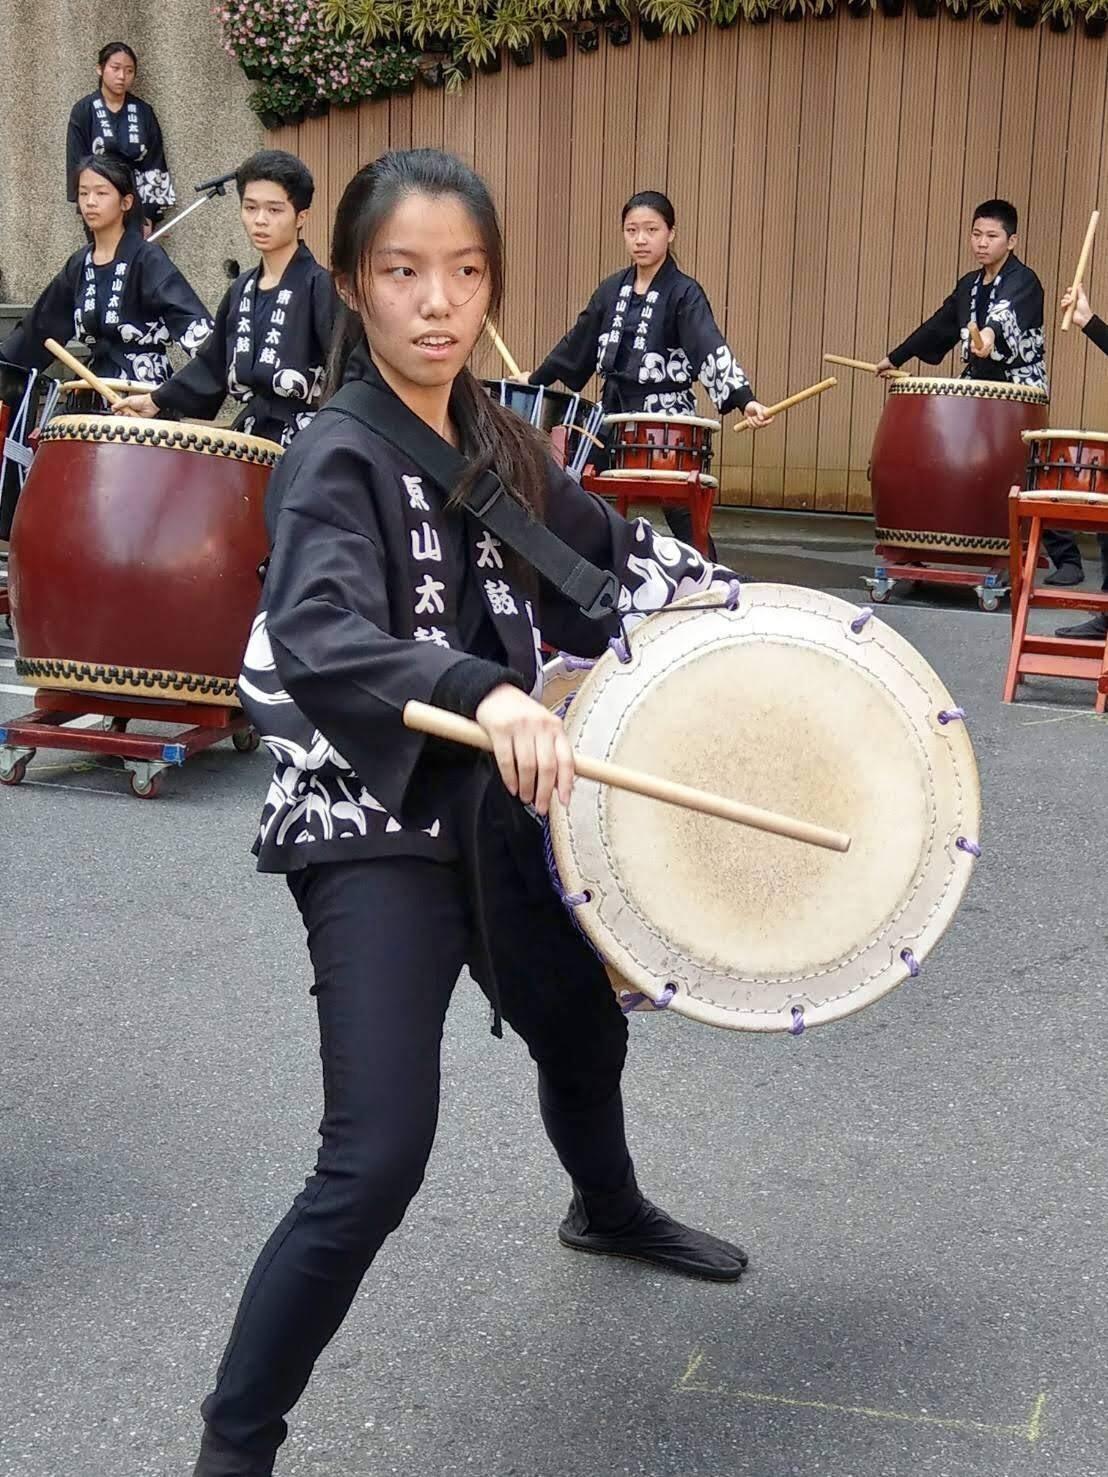 社团玩出满级分!东山高中3领袖体超强凭「2017暑假年高中广州市图片